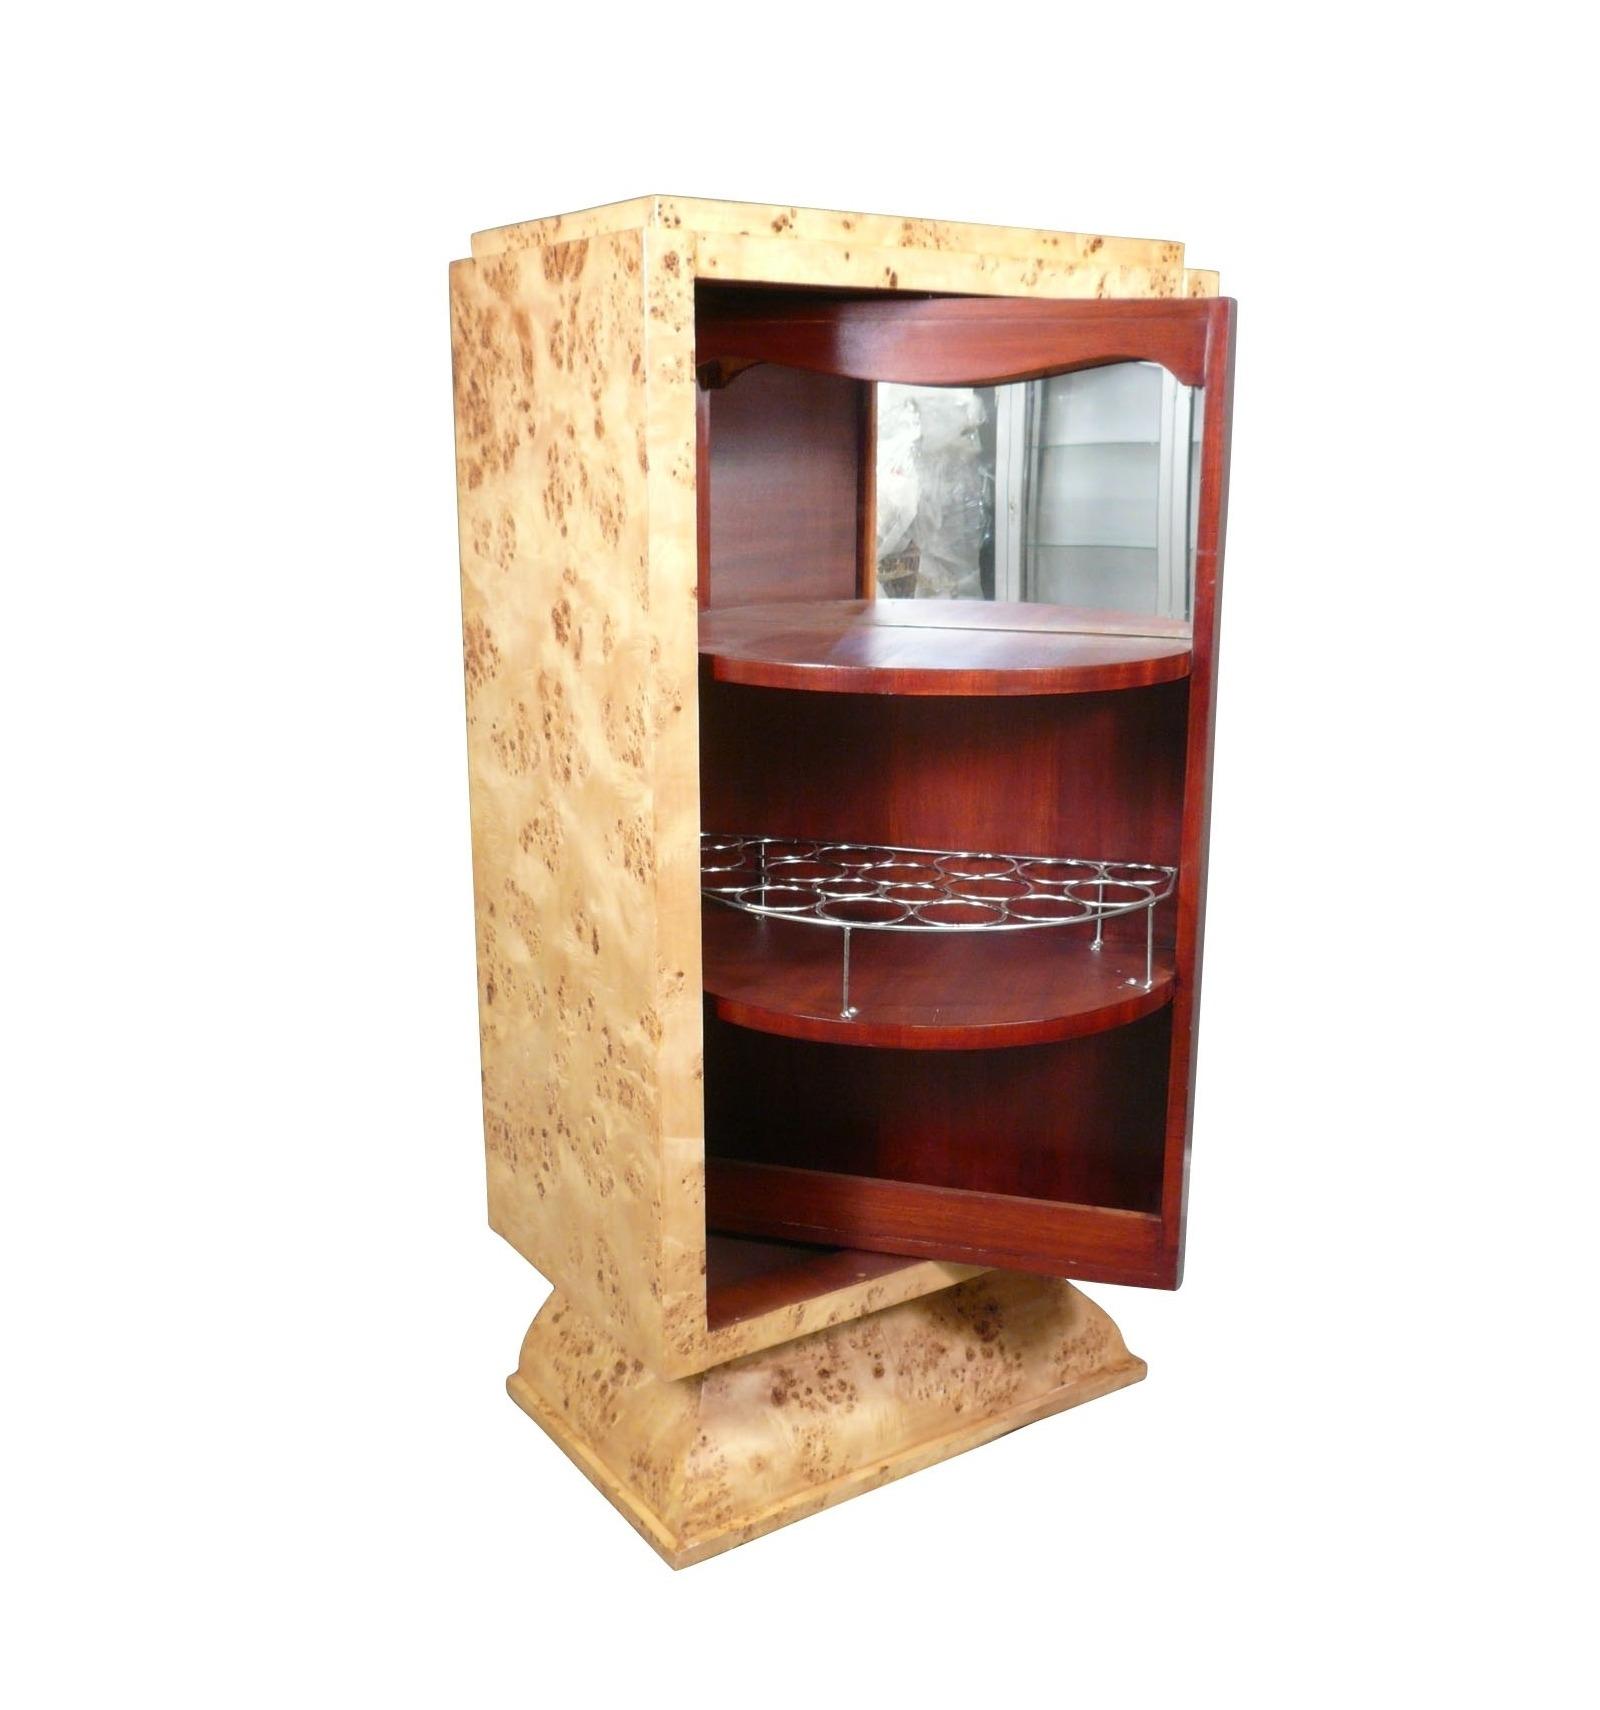 bar art d co avec une porte pivotante meubles de style 1930. Black Bedroom Furniture Sets. Home Design Ideas